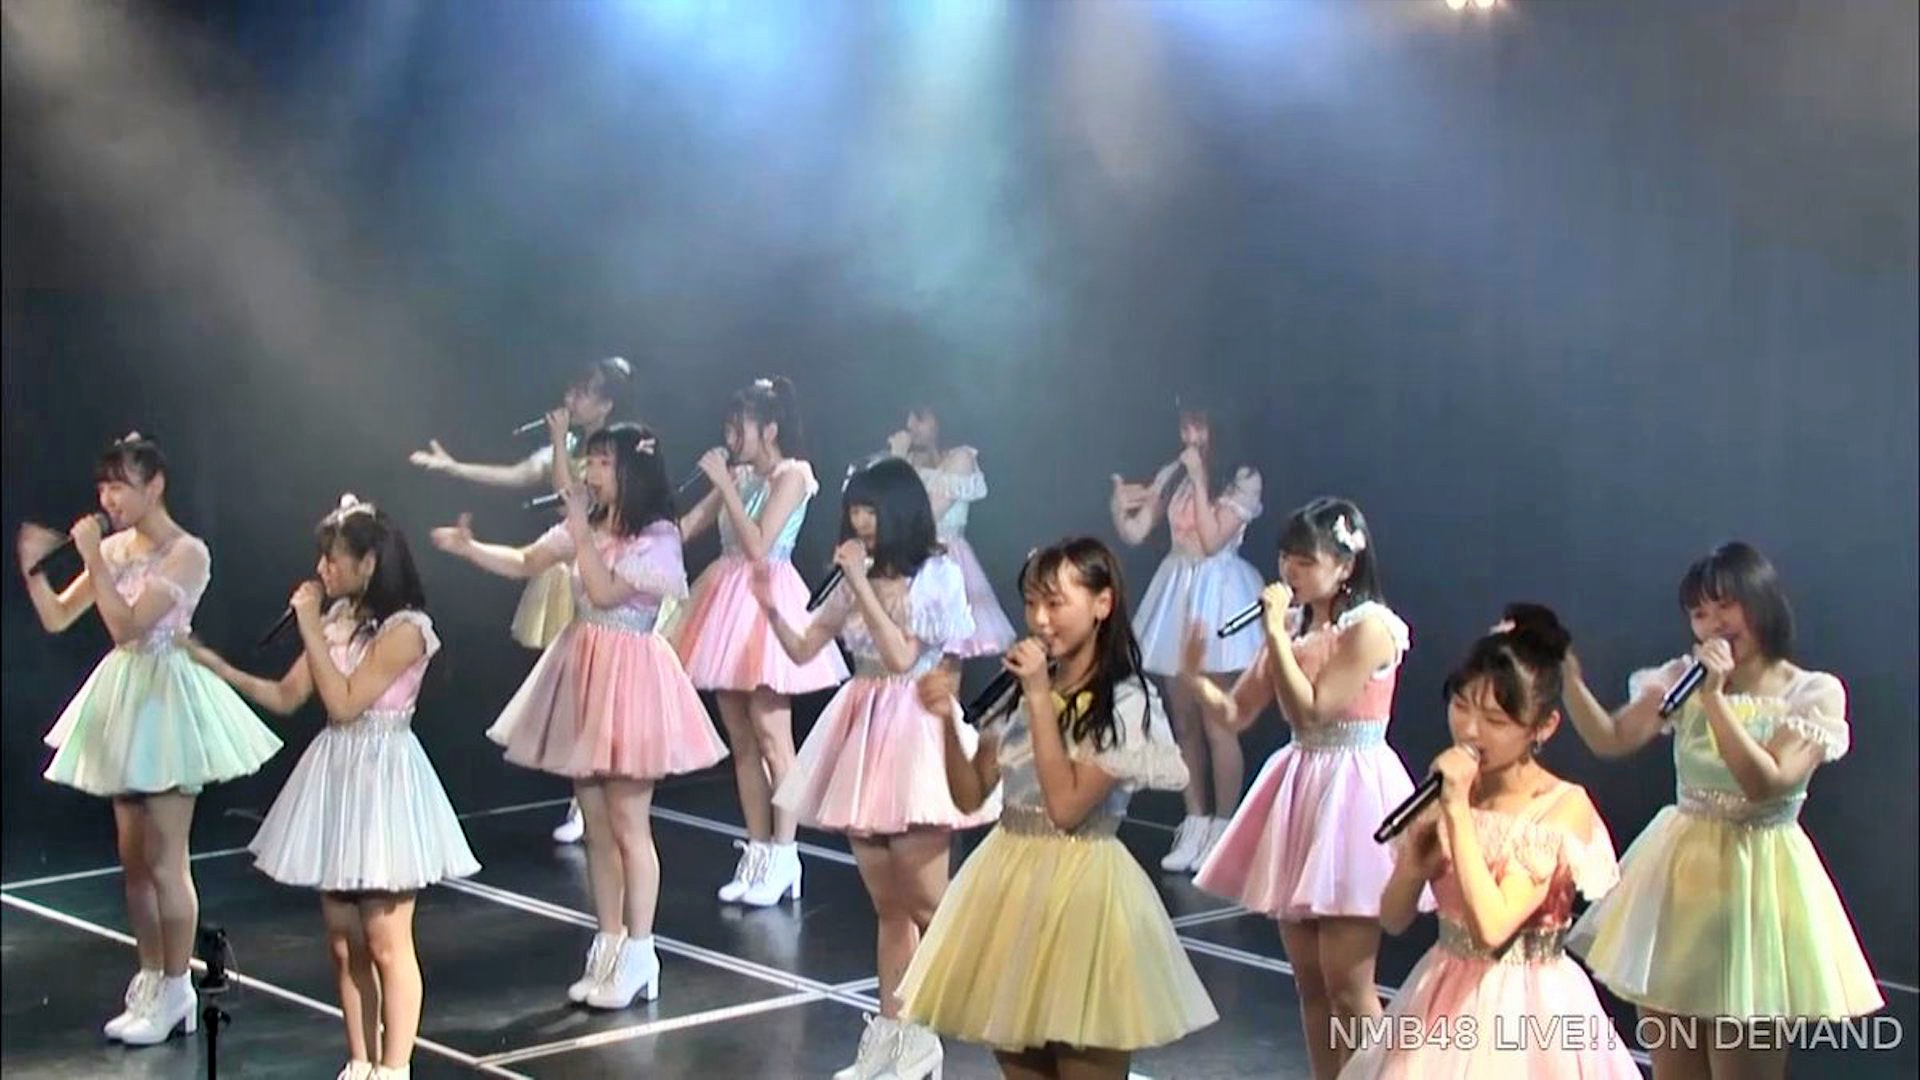 【NMB48】小嶋チームBⅡ公演のタイトルは「2番目のドア」に決定。